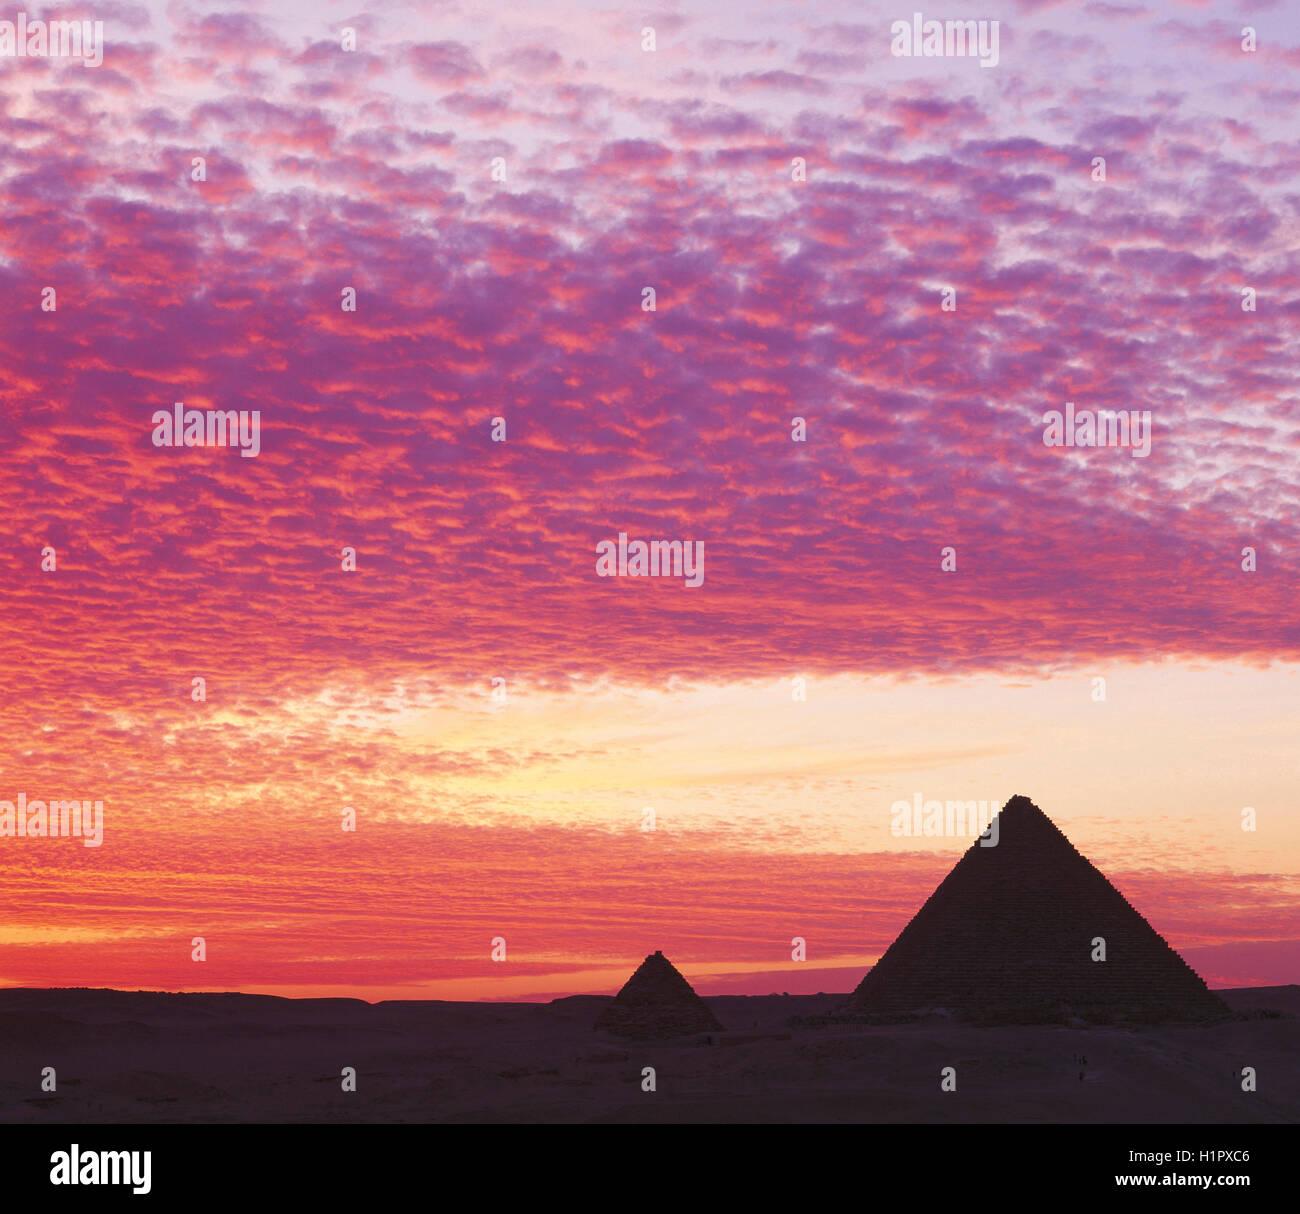 Piramidi al tramonto, Giza, Cairo, Egitto. Immagini Stock